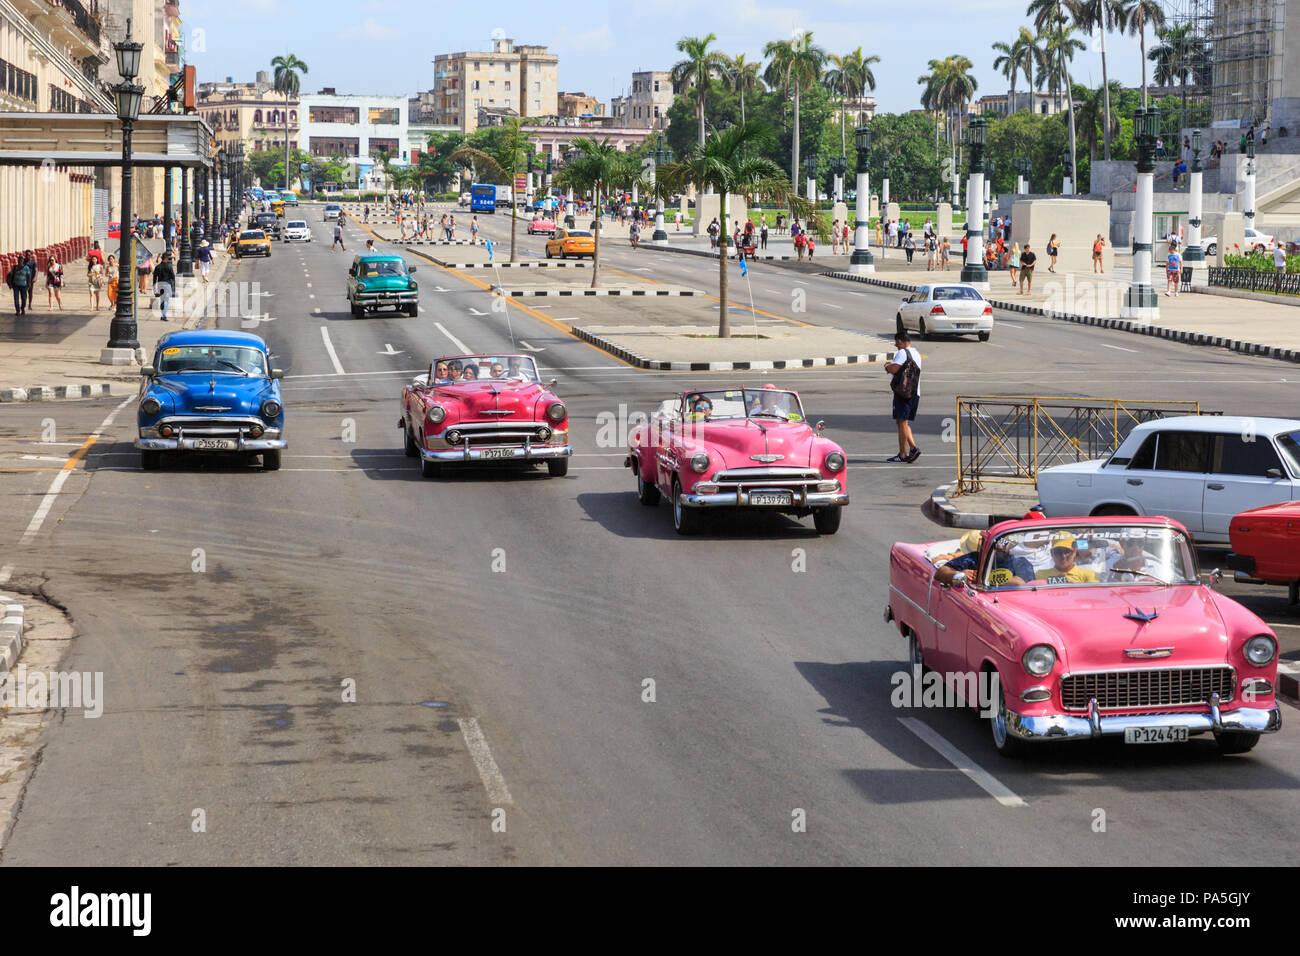 American Classic cars, taxis vintage transportant les touristes et les visiteurs sur le Paseo de Marti à La Havane, Cuba Photo Stock